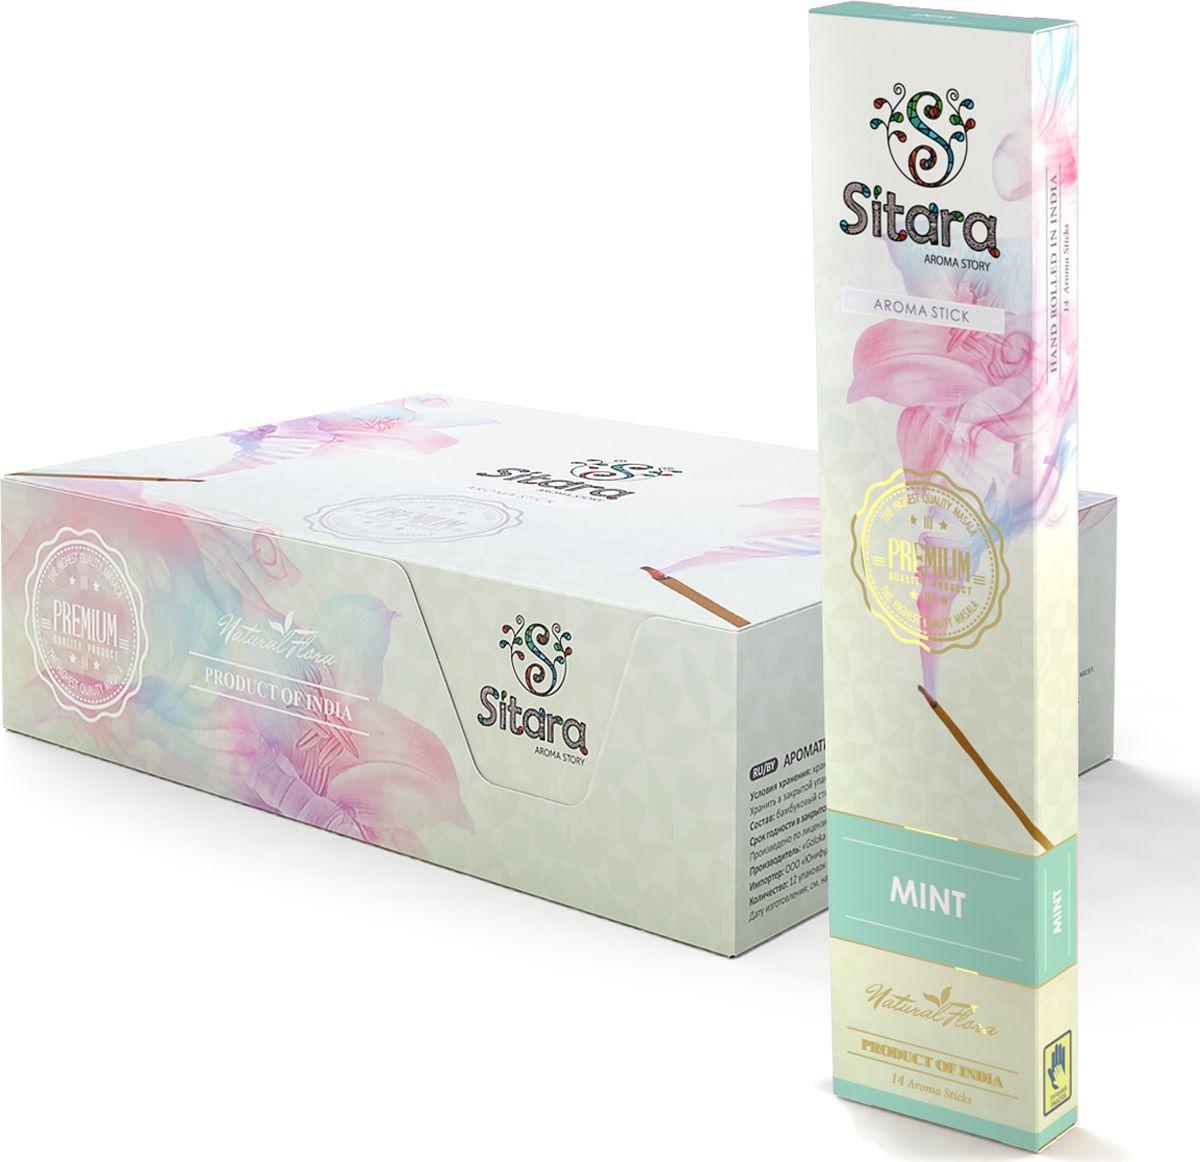 Ароматические палочки Sitara Premium Mint, 14 палочек10324Обзор:Нежный и освежающий аромат мяты успокаивает и дает новые силы. Способствует повышению концентрации, предотвращает перепады настроения. Способ применения:Поджечь сторону, противоположную бамбуковому основанию. Через несколько секунд после возгорания задуть пламя. Поставить ароматическую палочку в подставку, соблюдая необходимые меры пожарной безопасности.Состав:Бамбуковый стержень (Bamboo rod), натуральный мед (Honey), смола и пудра сандалового дерева (Resin and sandalwood powder), натуральная эссенция эфирных масел (Essential oils)С осторожностью: Людям страдающими заболеваниями дыхательных путей, аллергическими реакциями, при беременности.В блоке 12 пачек.